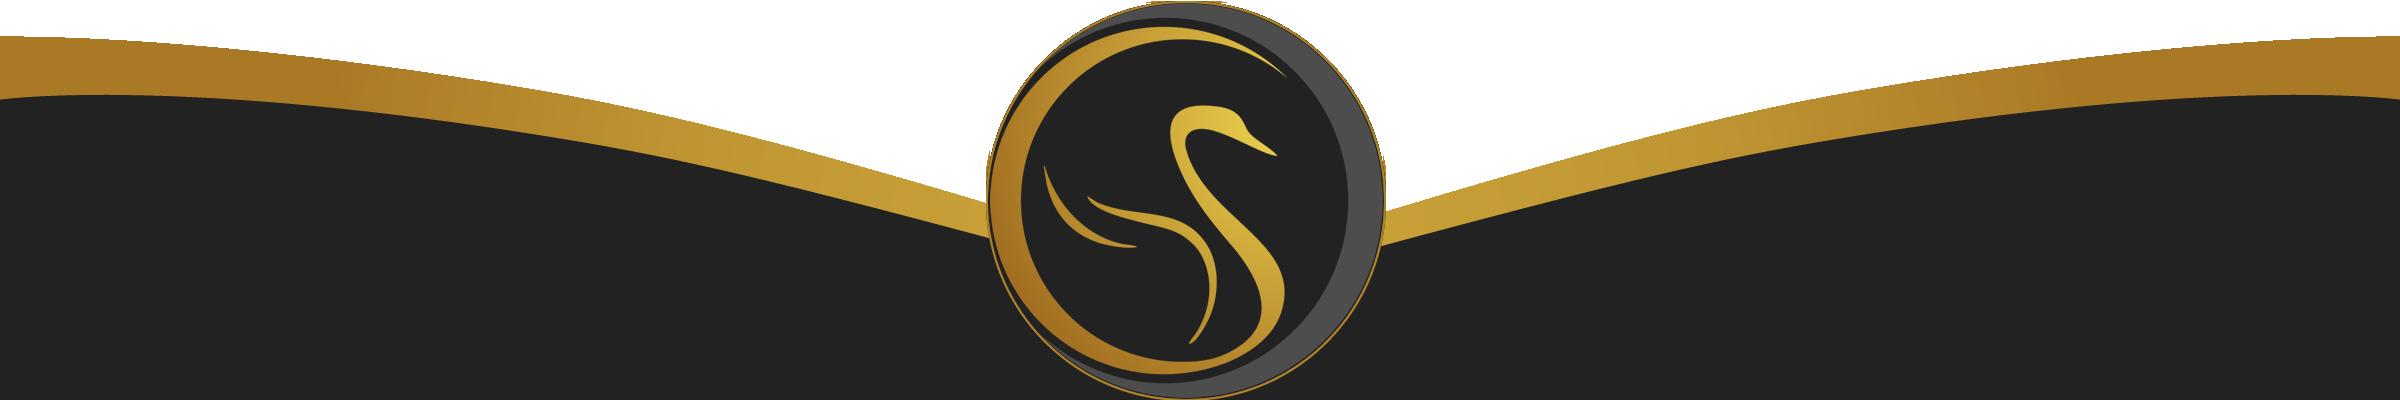 logo-header-flat